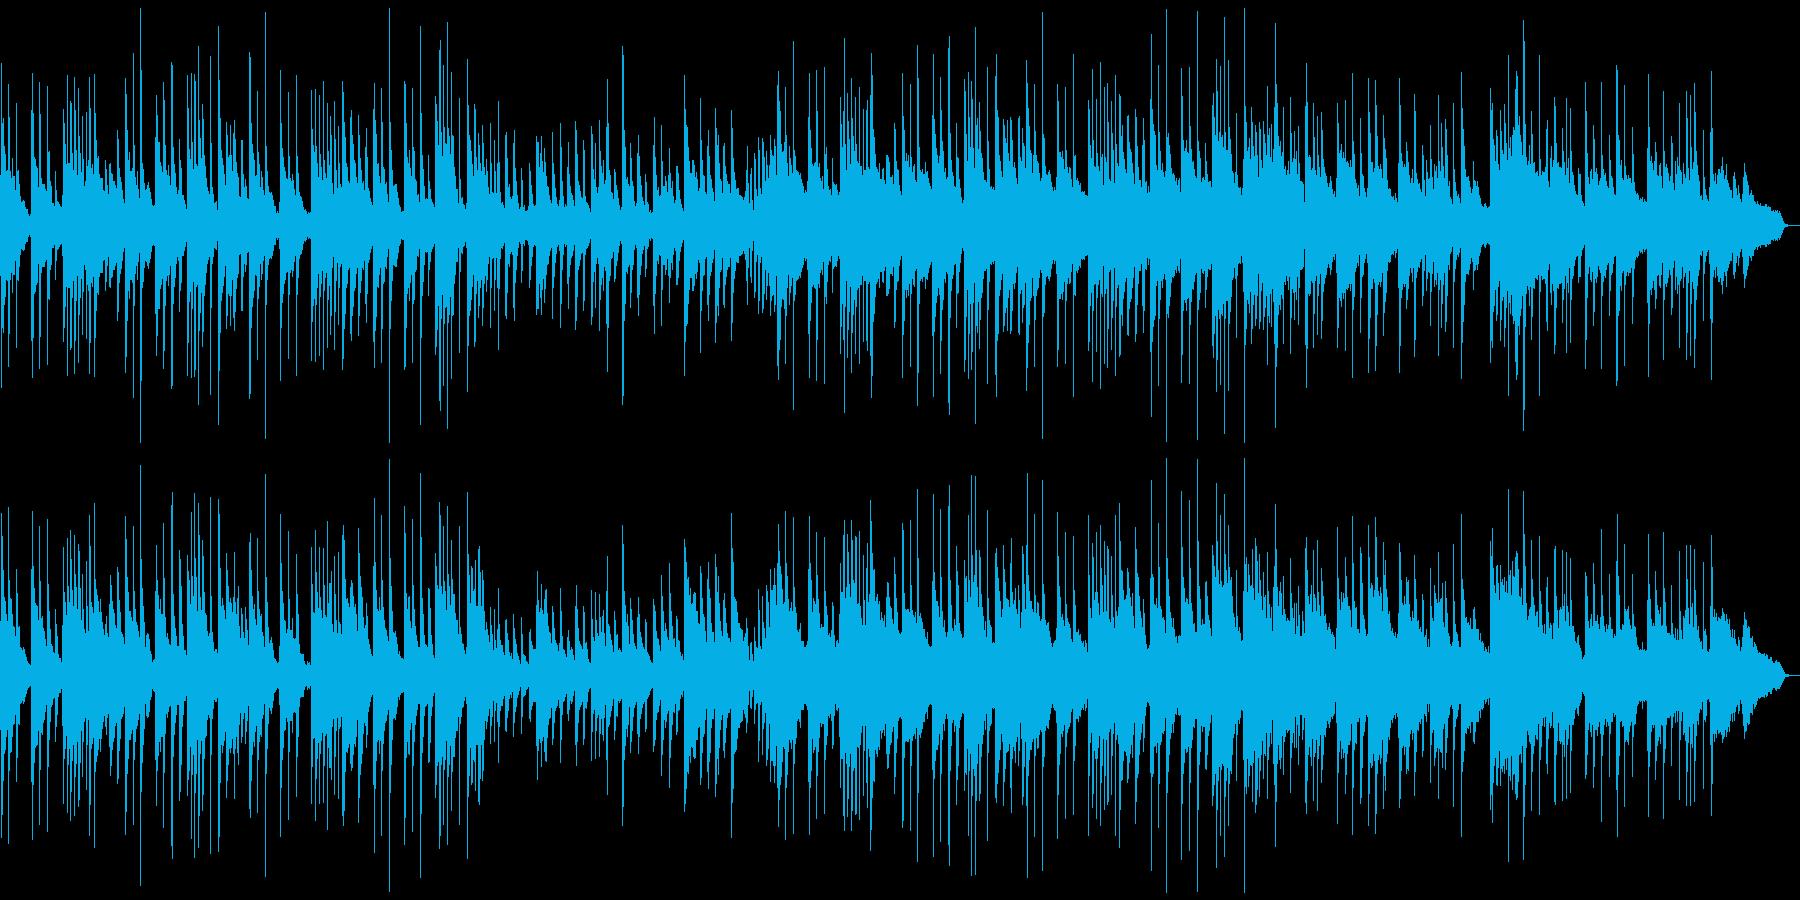 琴/ピアノ/落ち着いた癒しの和風曲の再生済みの波形